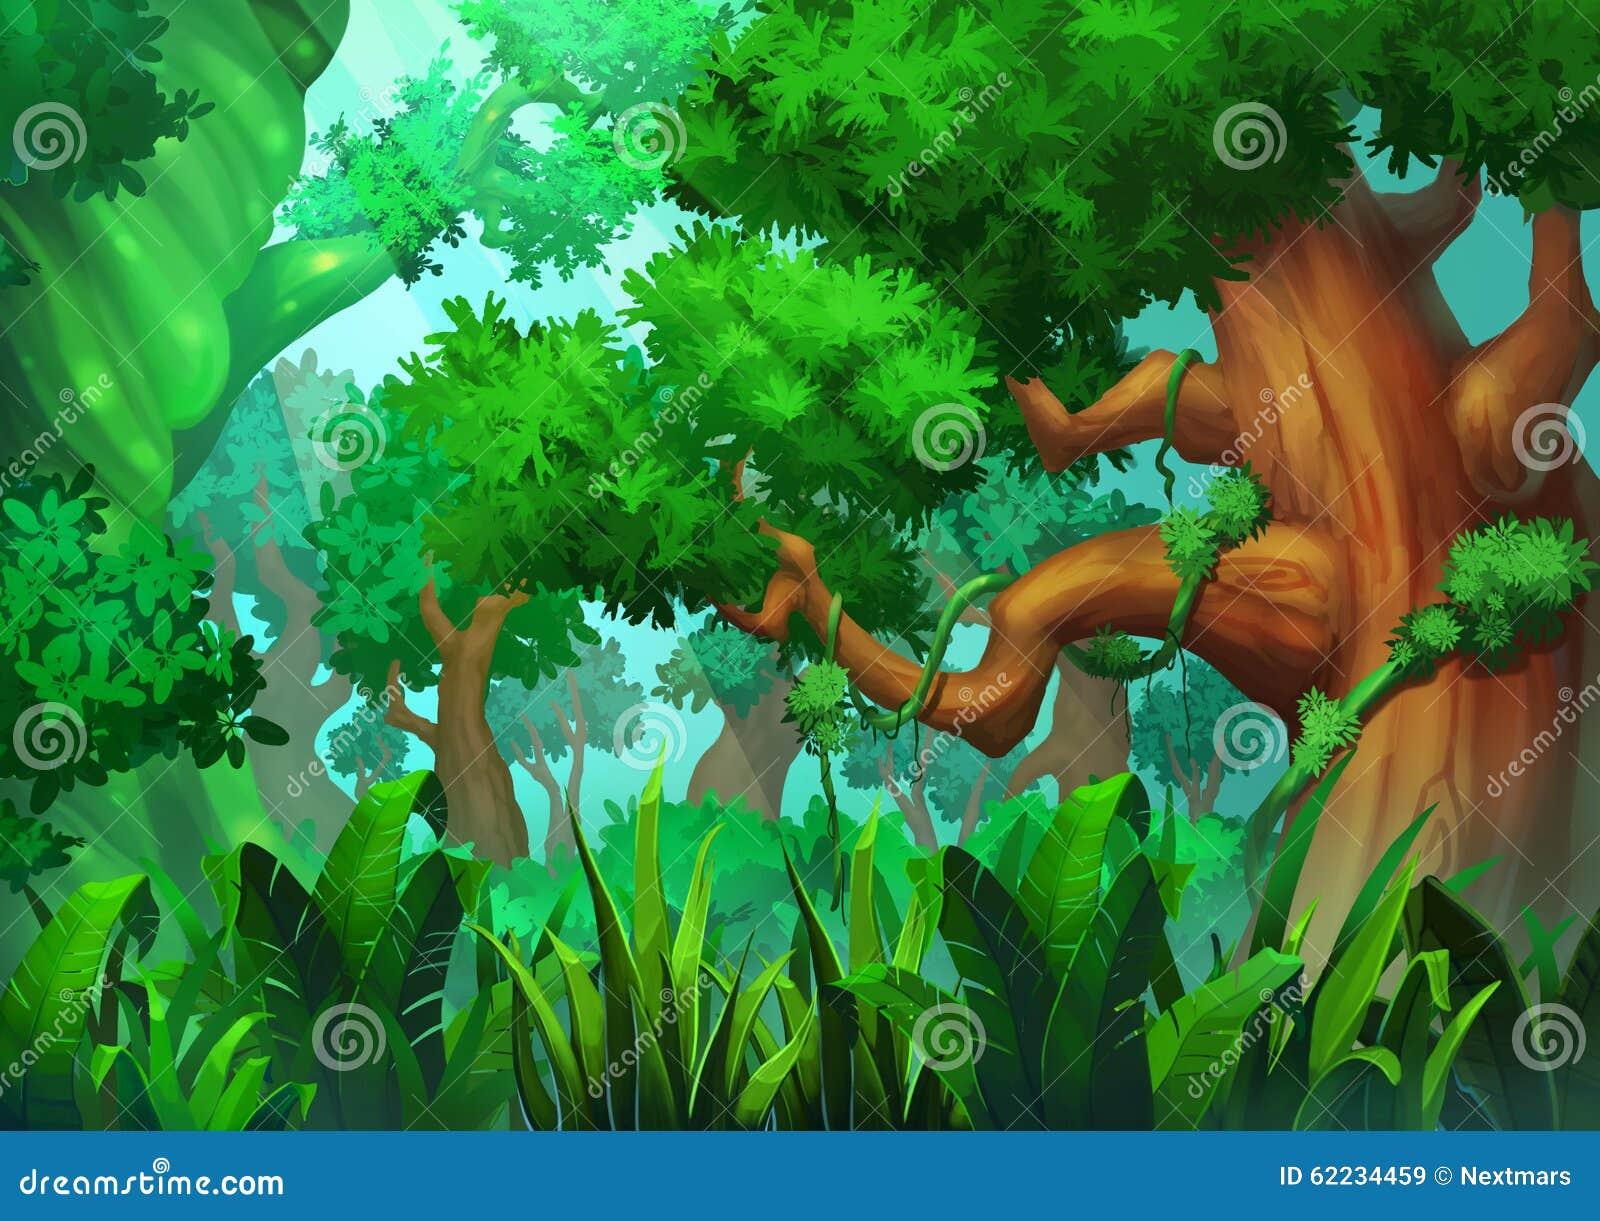 Ejemplo El Bosque Verde Primitivo Stock De Ilustracion Ilustracion De Verde Wallpaper 62234459